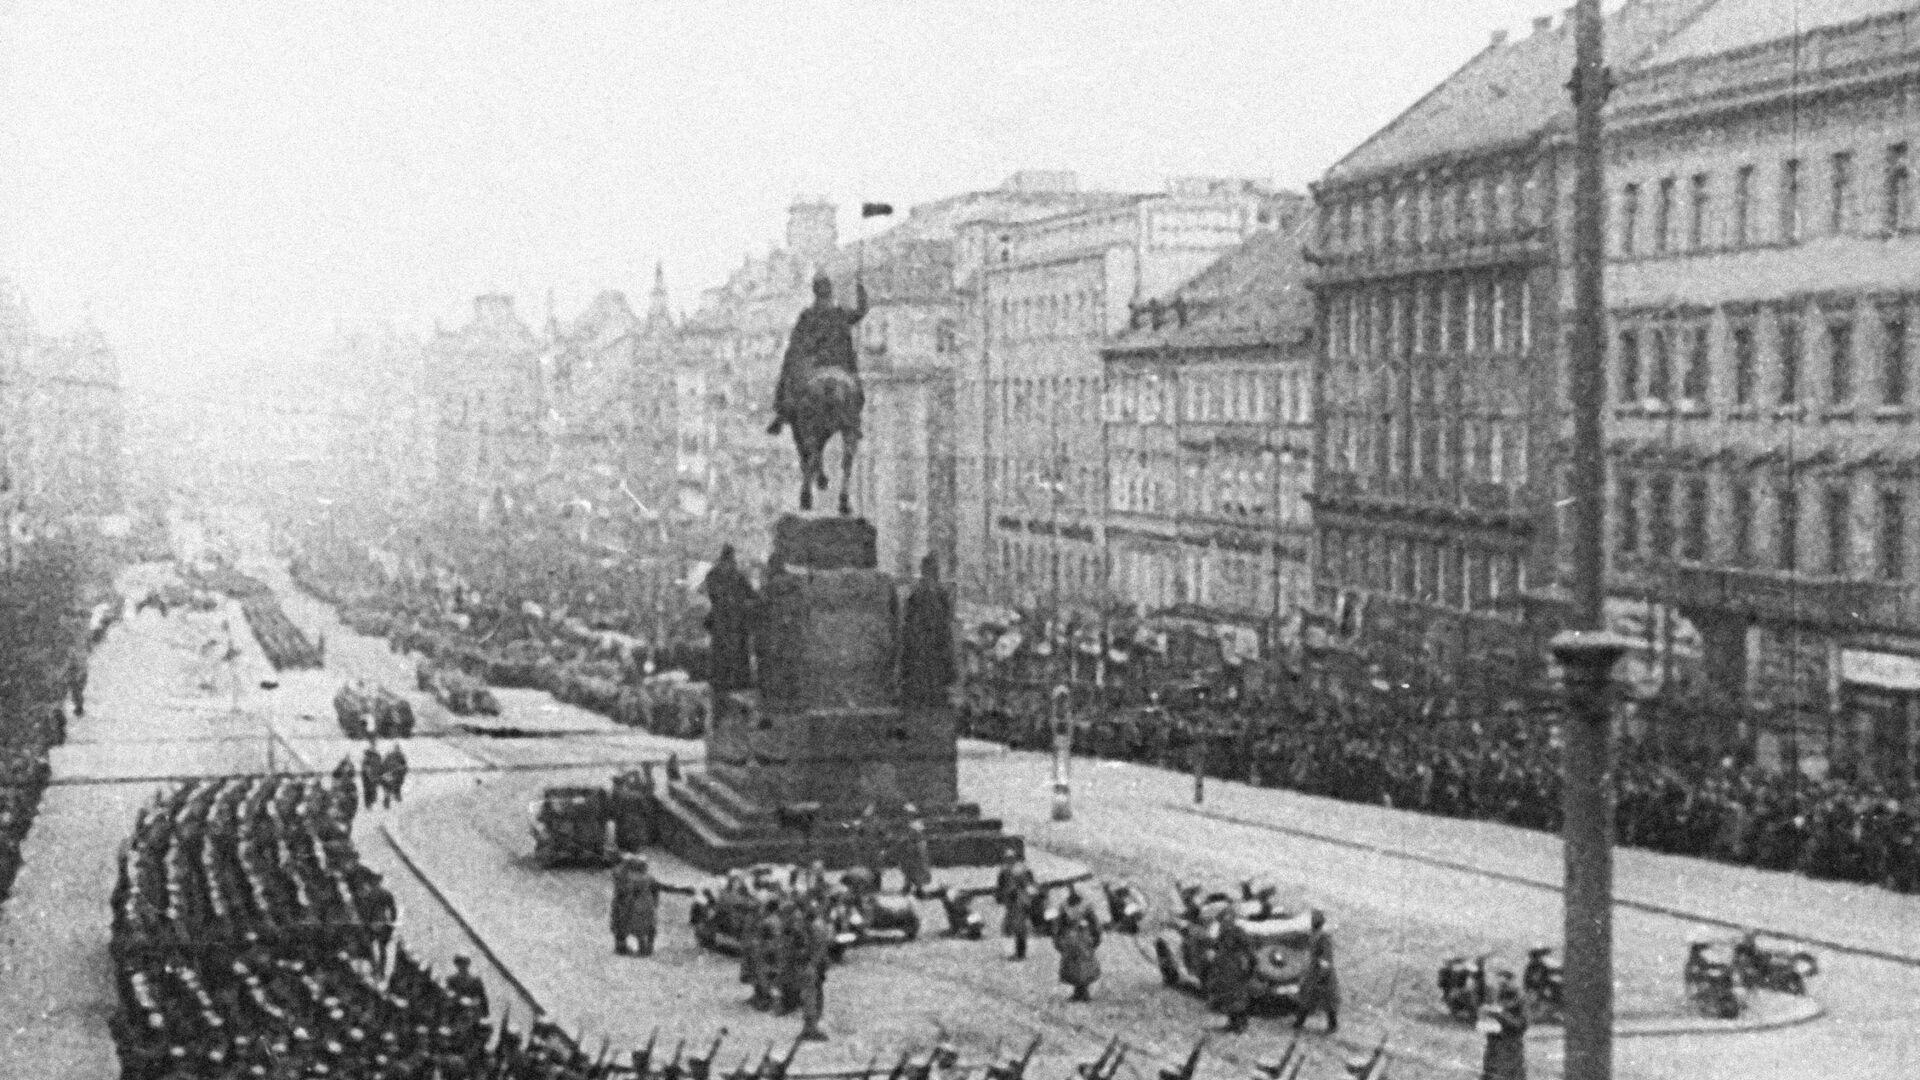 Hitlerova vojska na Václavském náměstí, Praha, 1939 - Sputnik Česká republika, 1920, 28.06.2021